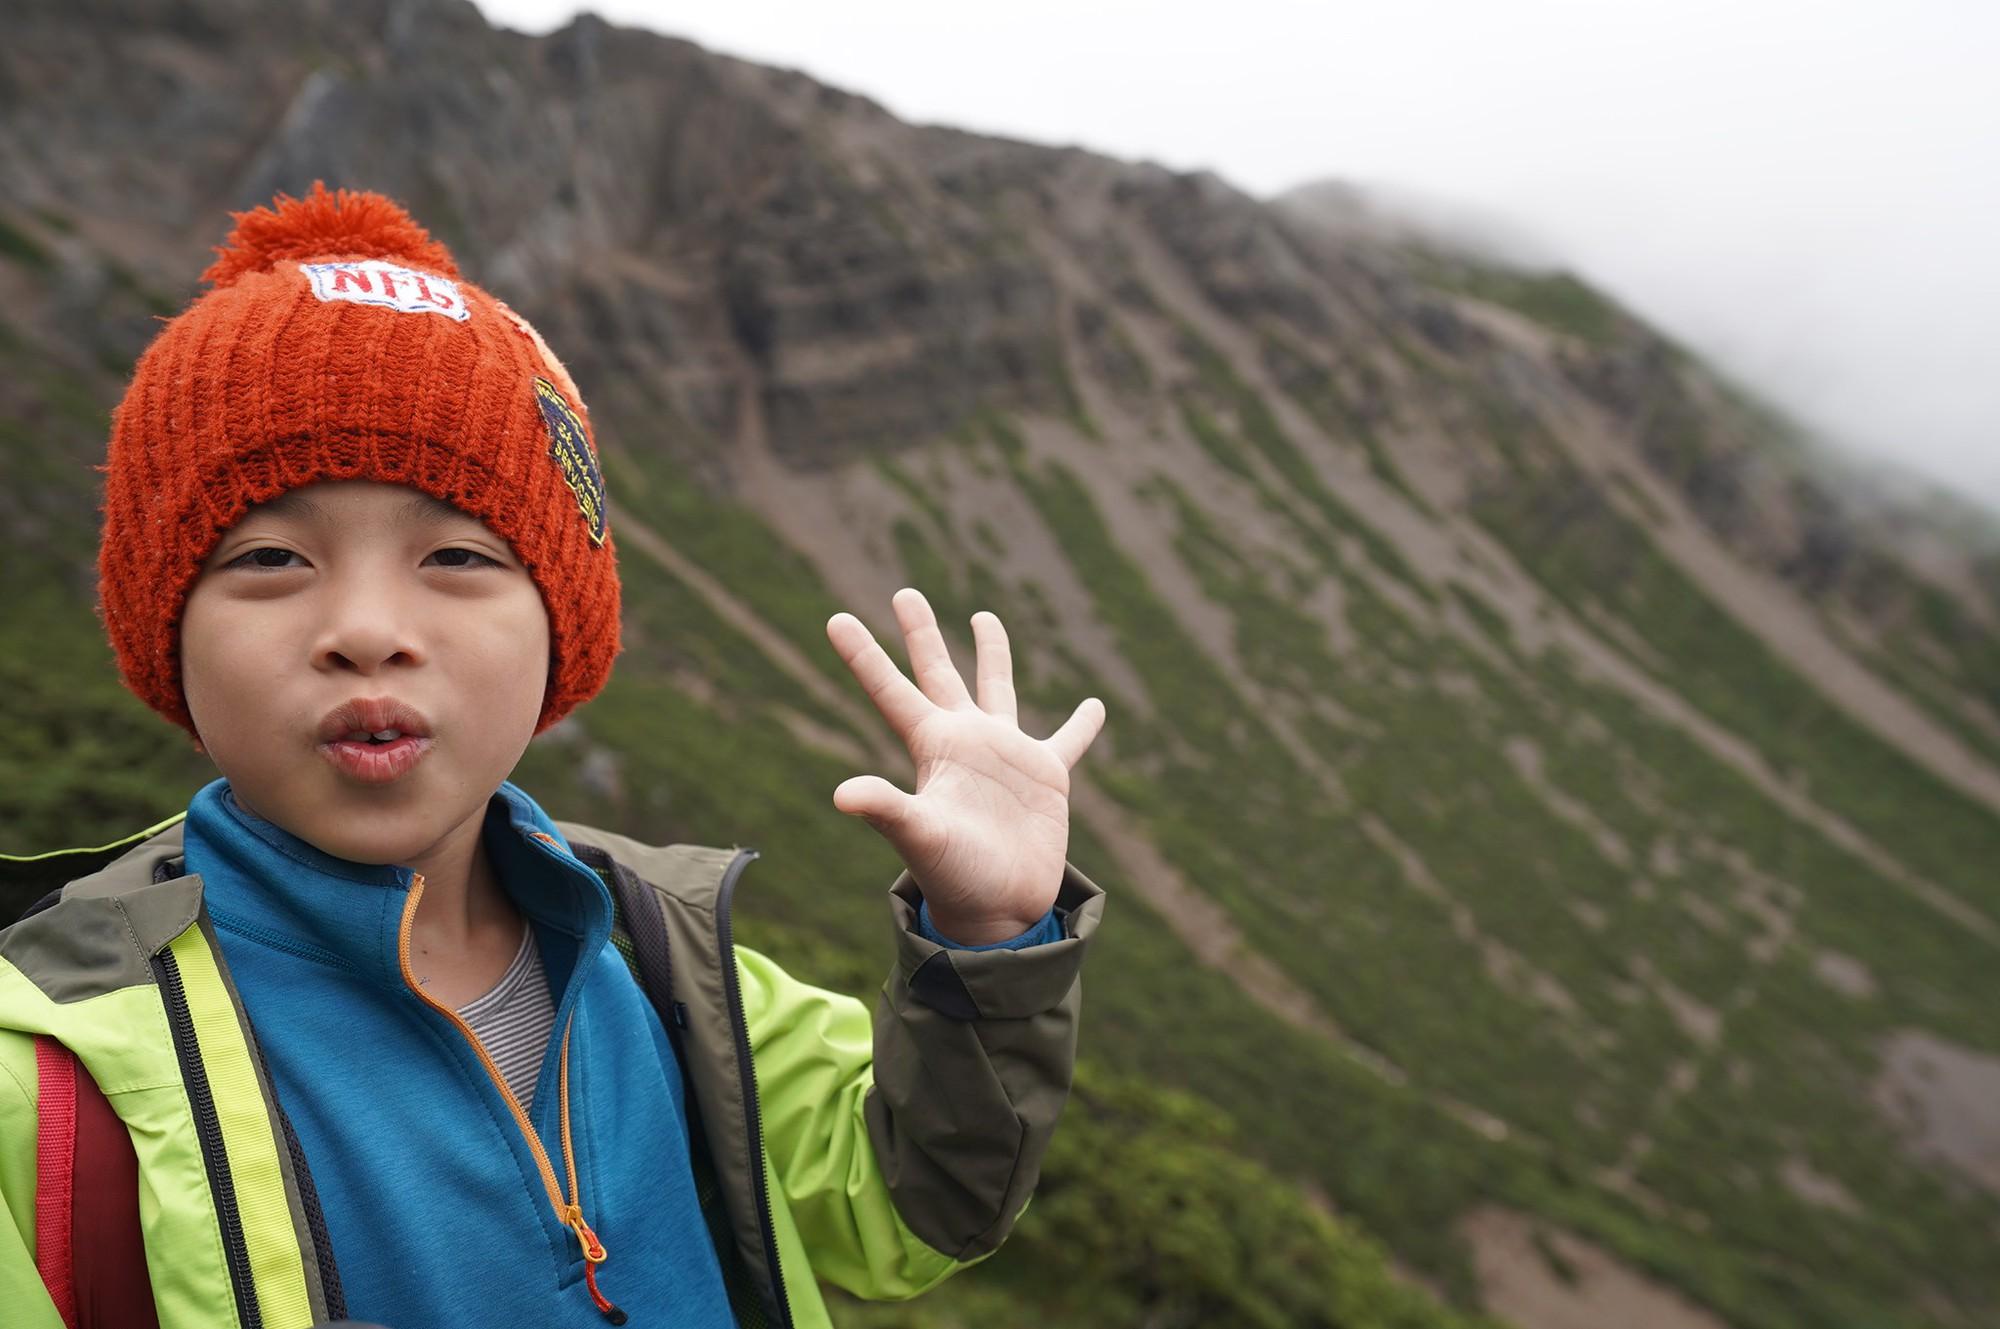 Cậu bé 8 tuổi chinh phục đỉnh núi cao 3952m để hoàn thành tâm nguyện cuối cùng của mẹ - Ảnh 5.